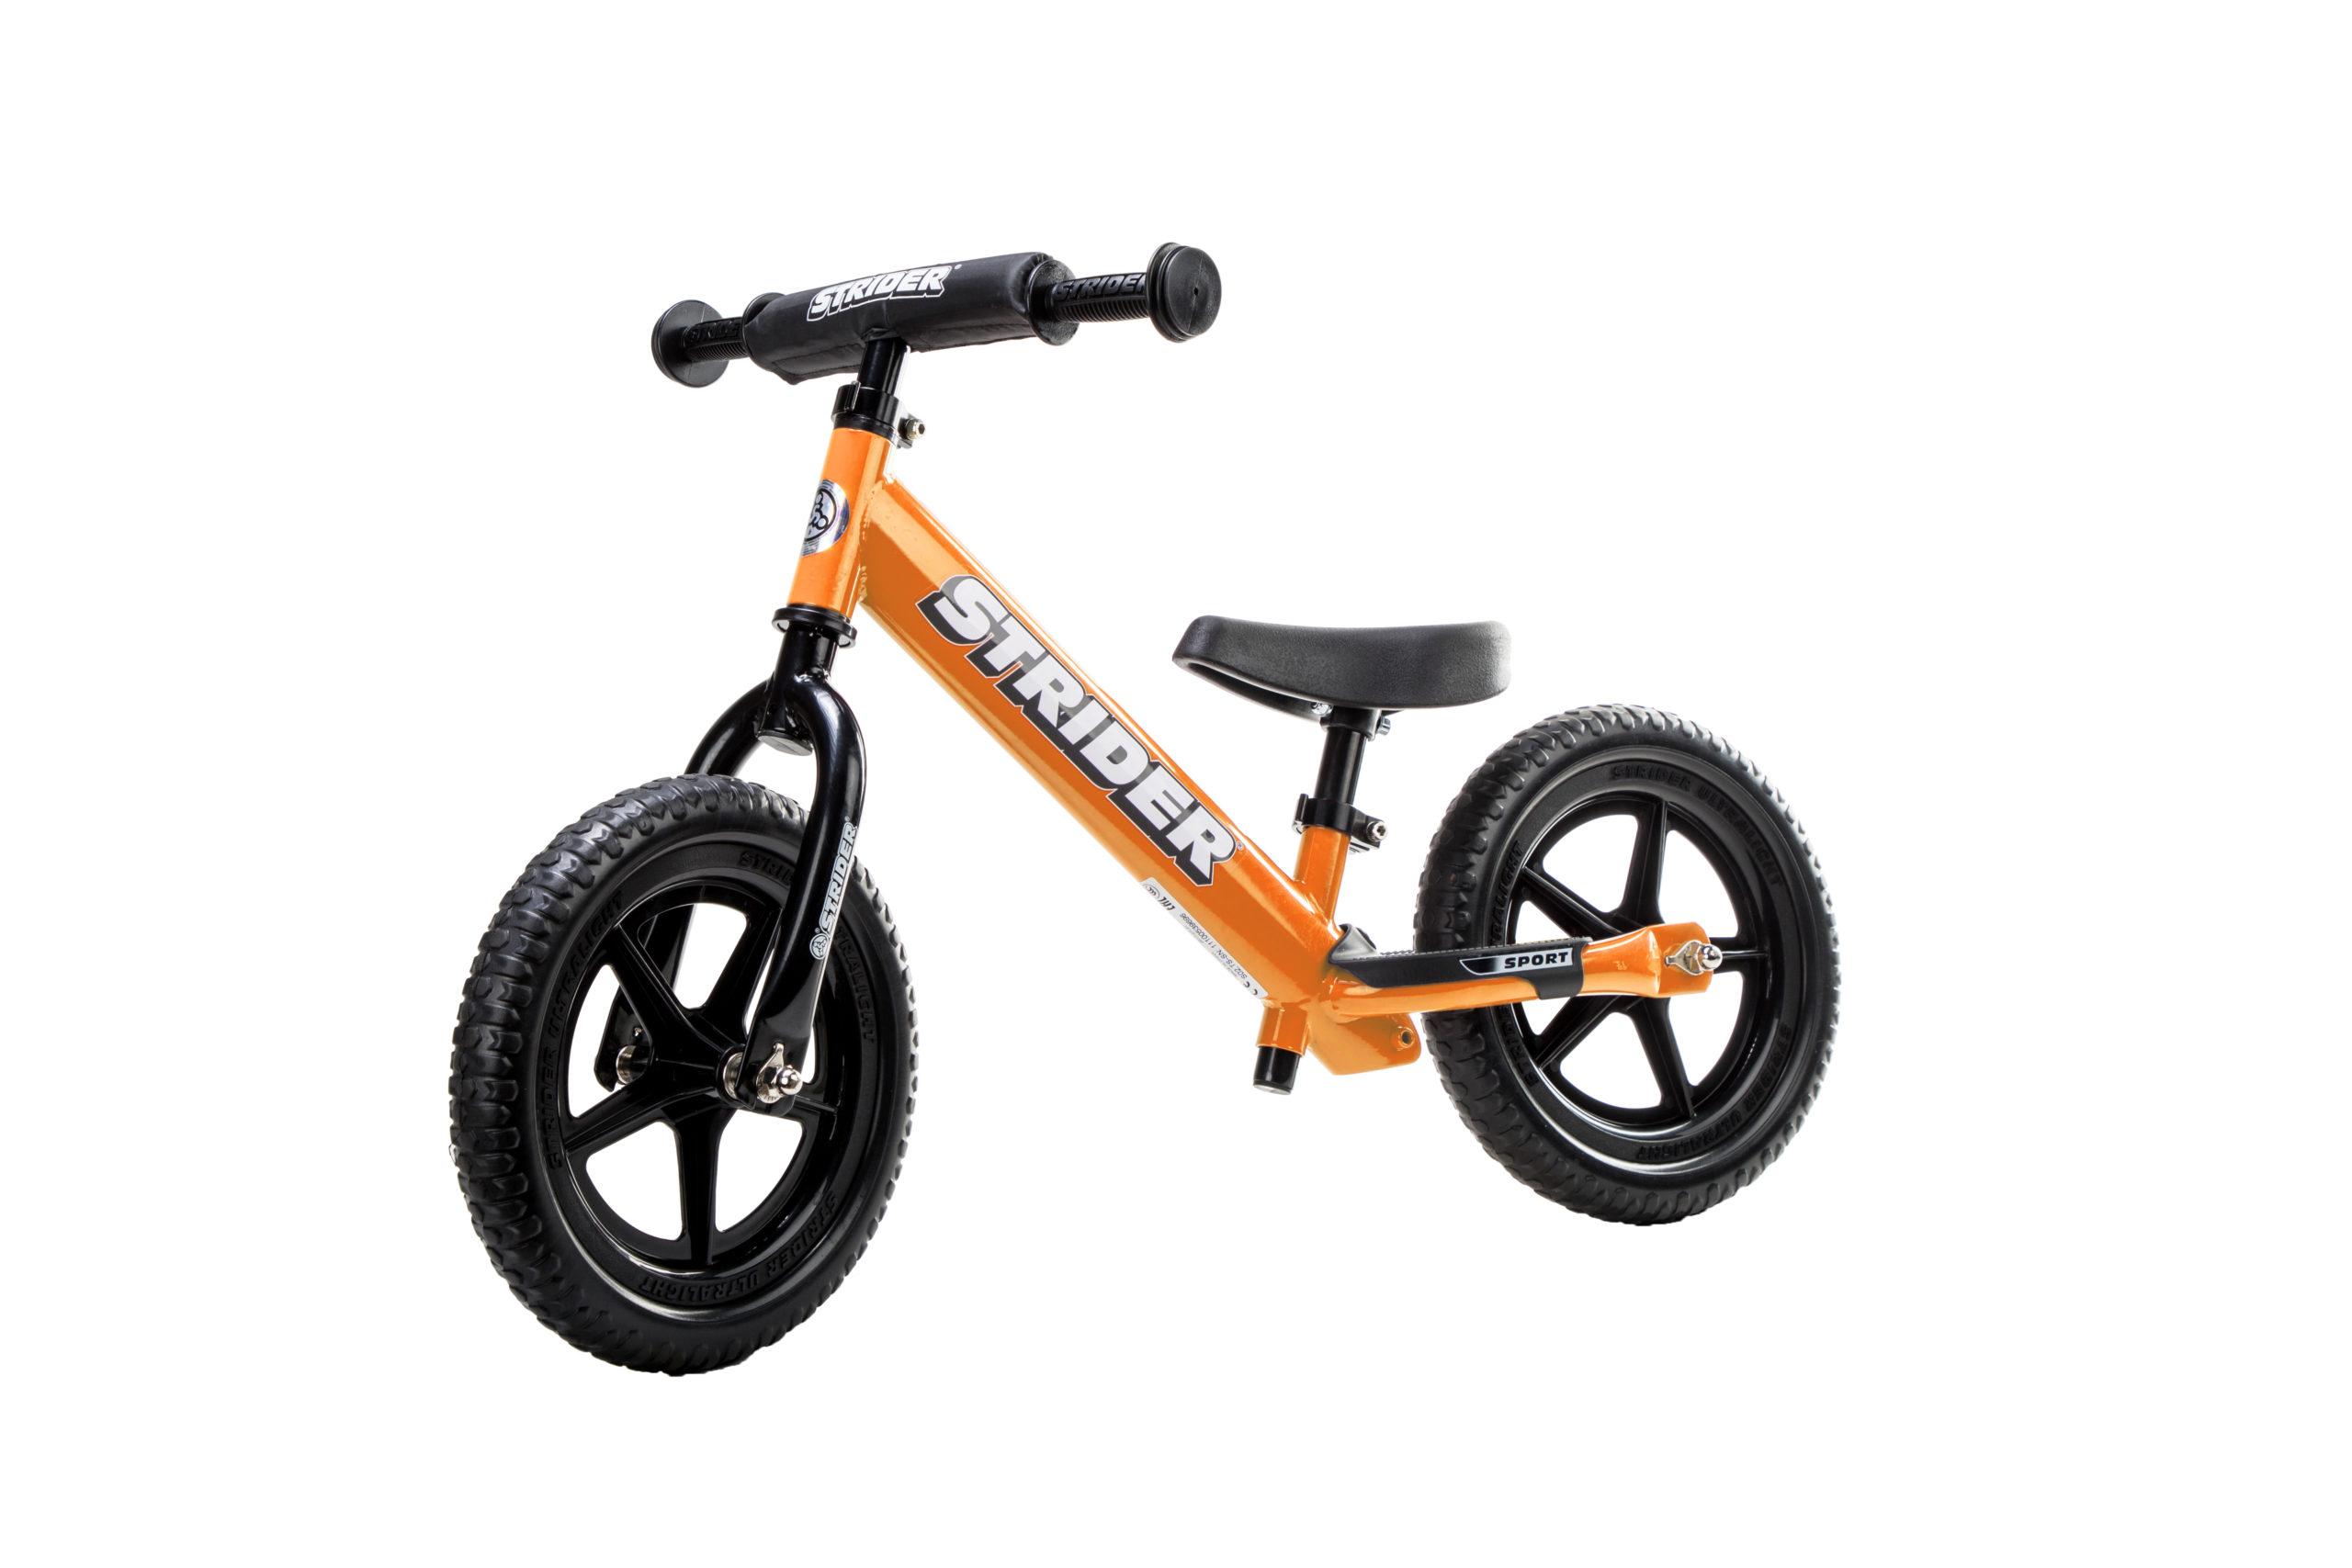 Studio image of Orange 12 Sport bike - angled view